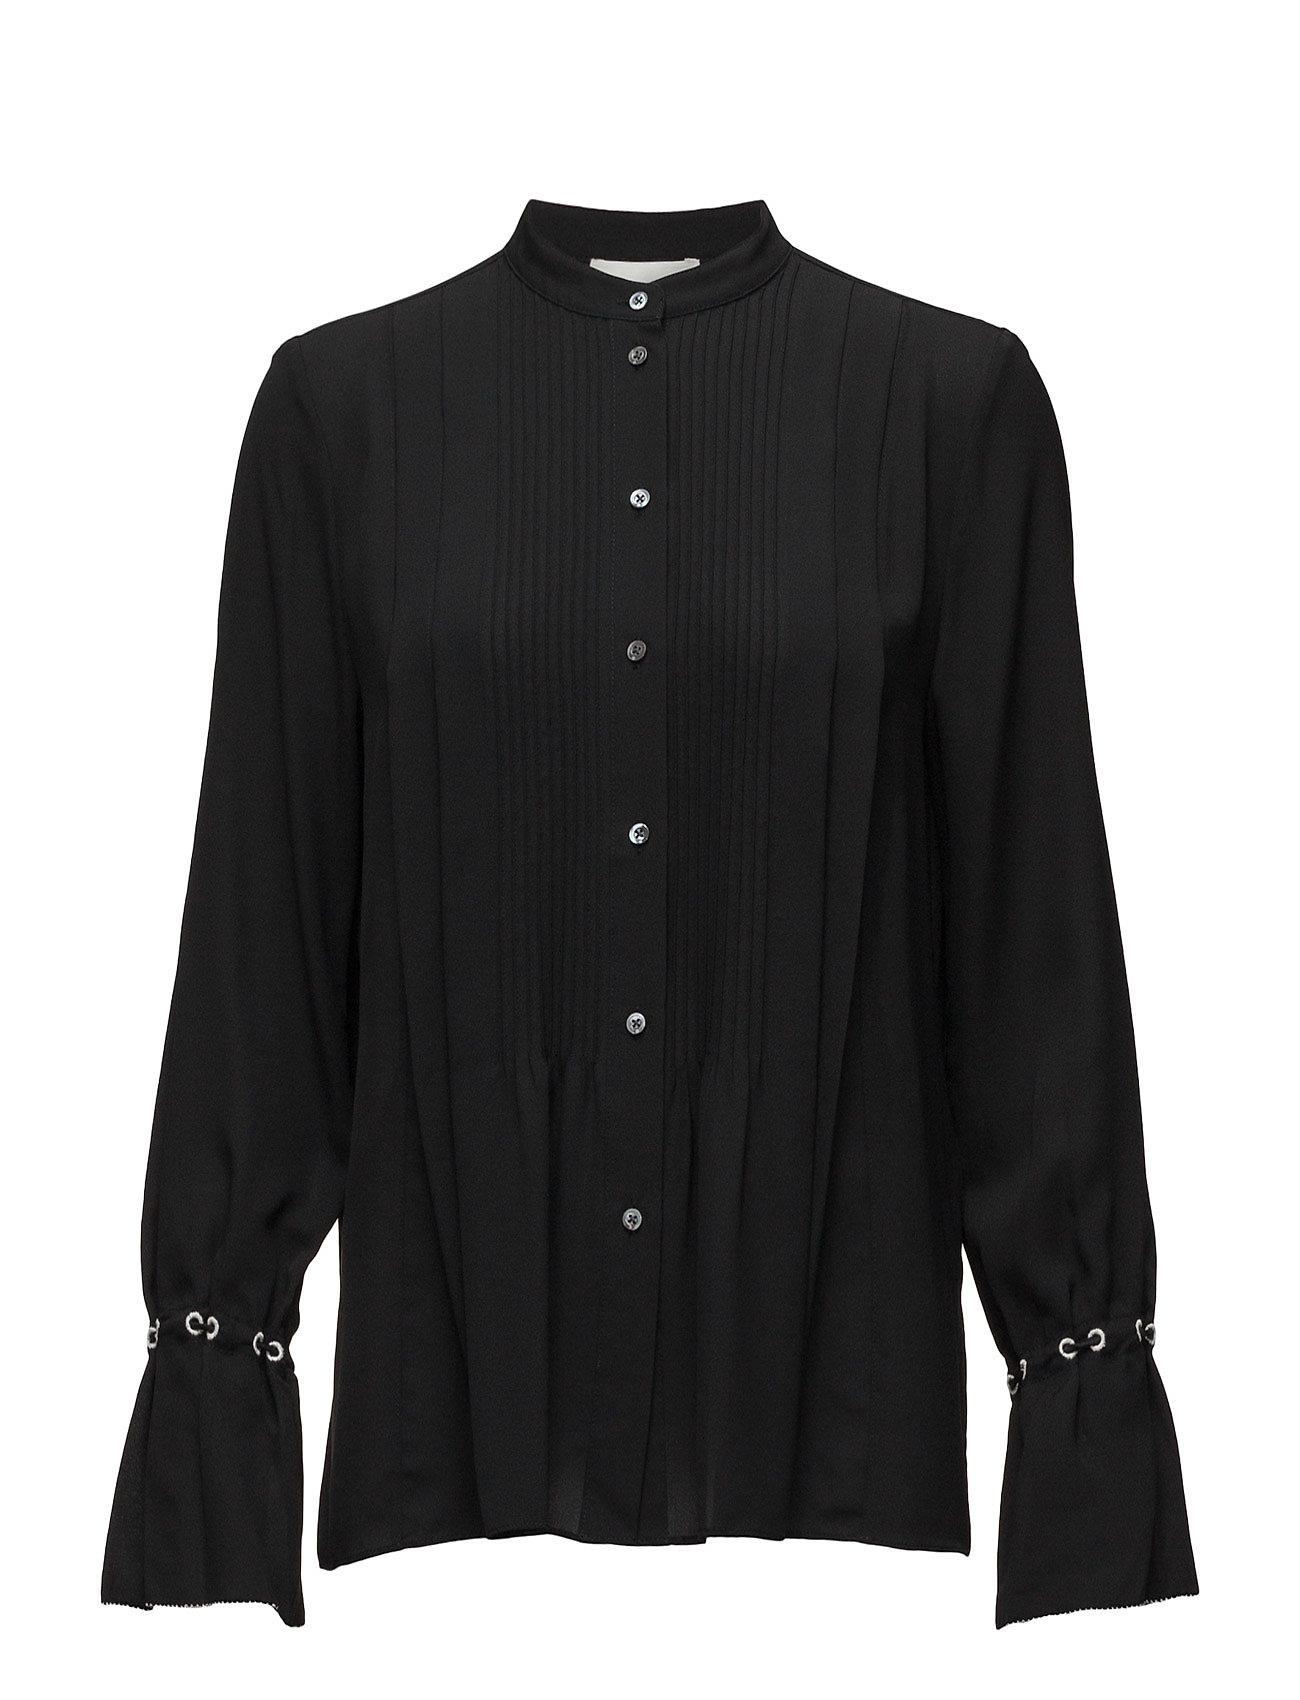 3.1 phillip lim Ls pintuck shirt på boozt.com dk